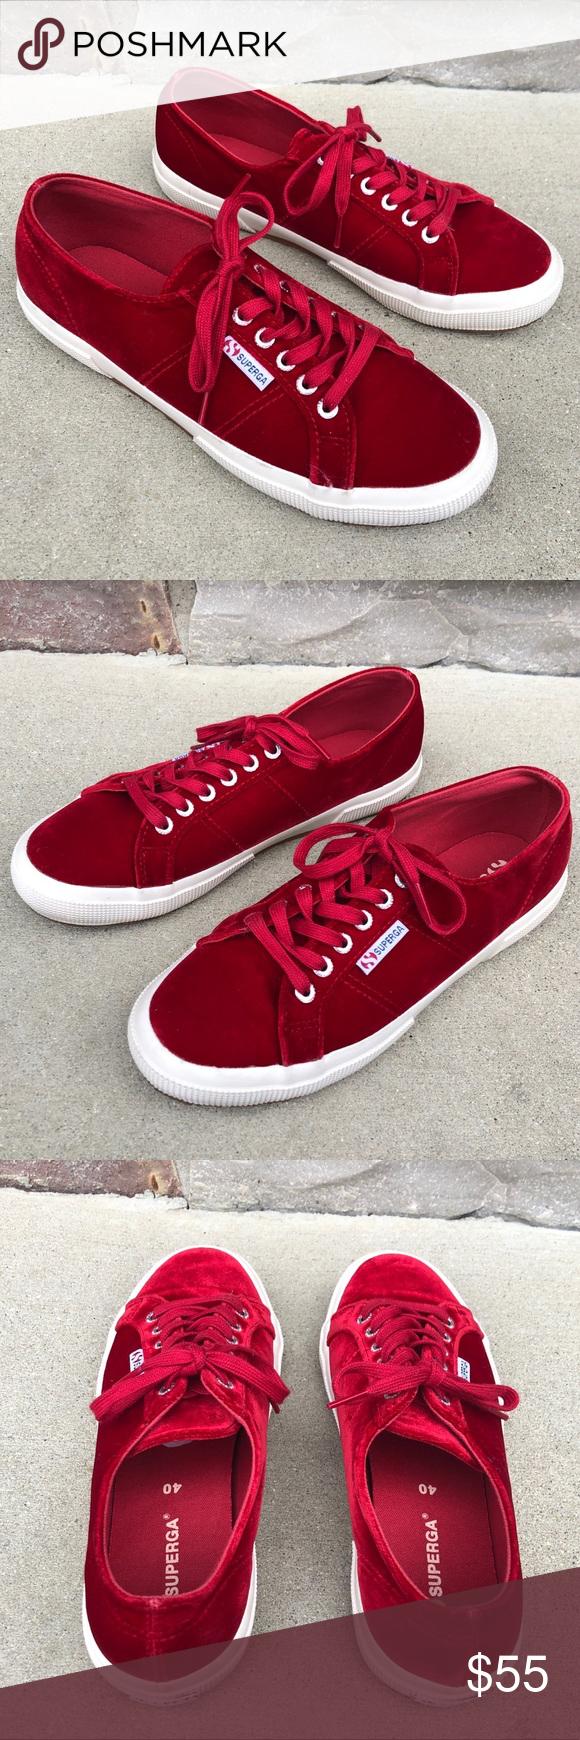 LIKE NEW Superga classic red velvet